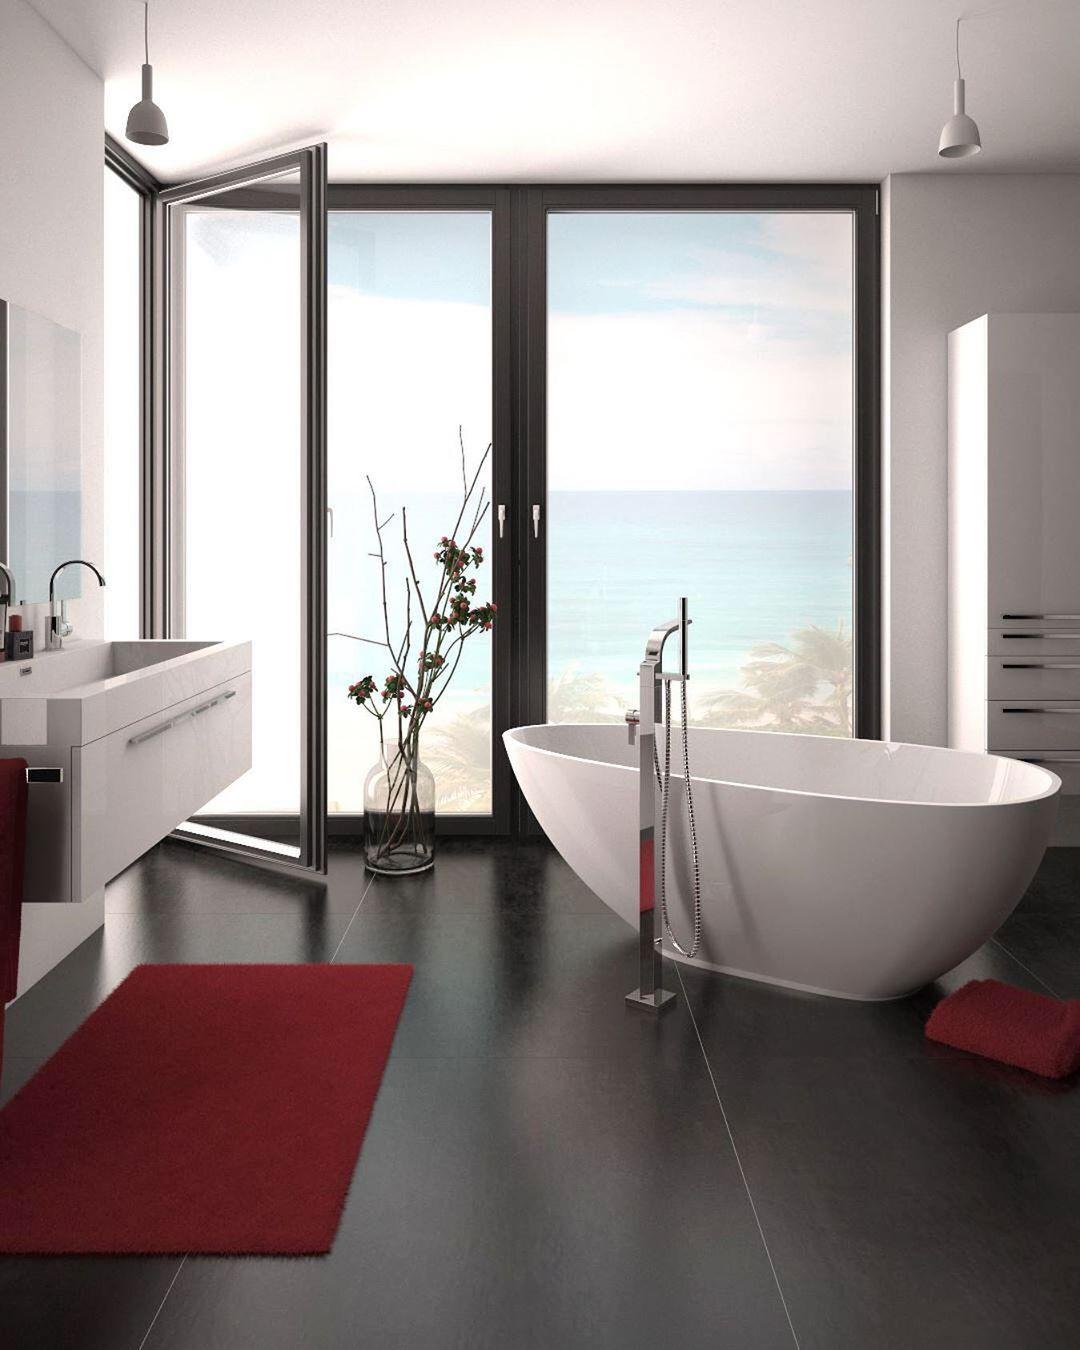 Die Treos Badewanne Der Serie 700 Bietet Viel Platz Fur Wohlfuhlmomente Und Entspannung Treos Dusseldorf Badezimmer Badezimmerdesign Badezimmerideen